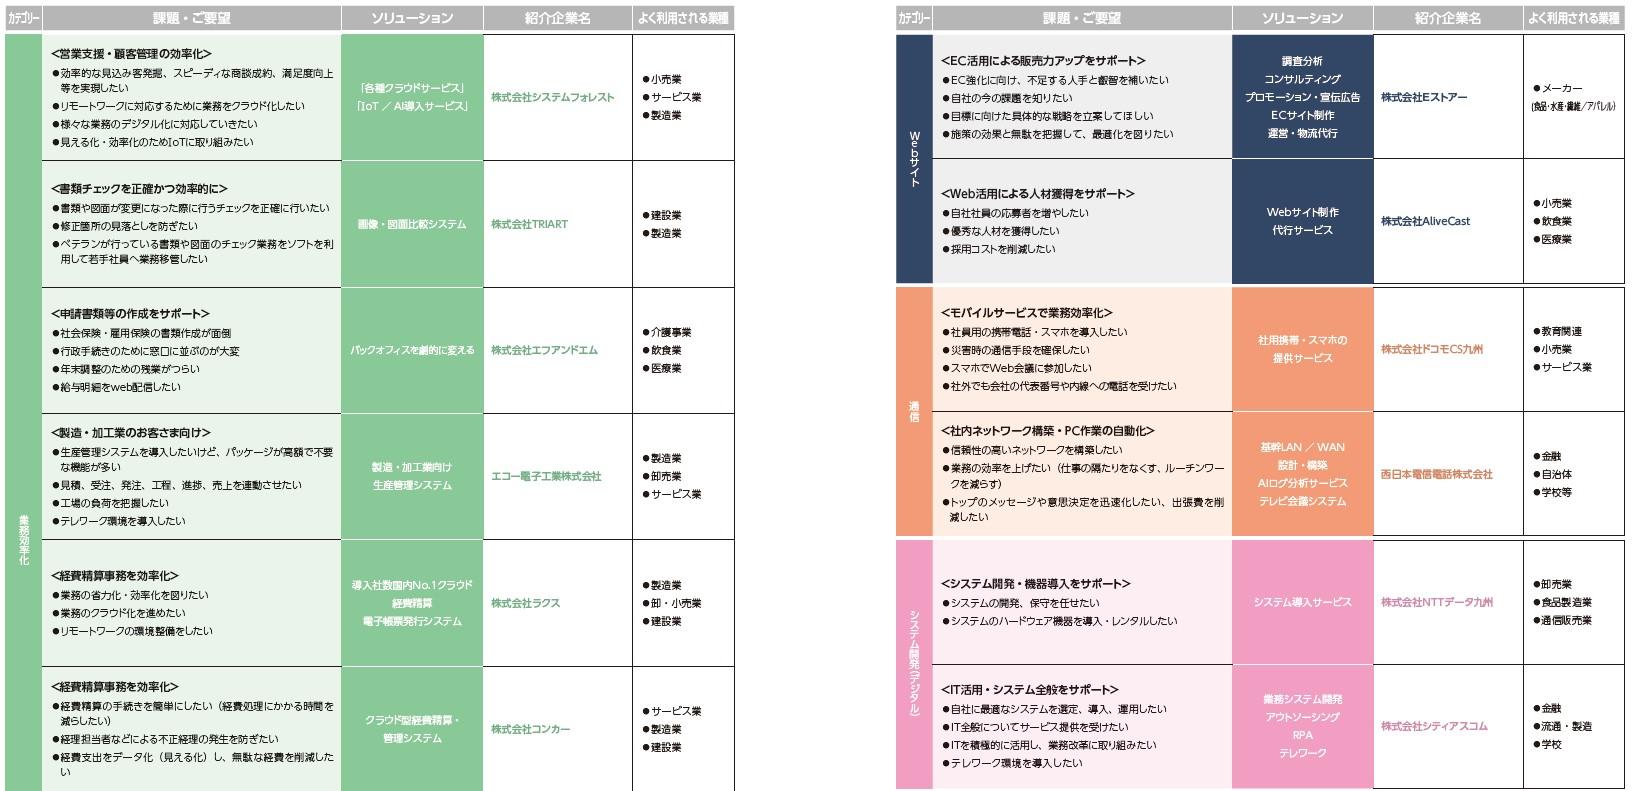 西日本シティ銀行がデジタル化支援に際してご紹介可能なパートナー企業一覧2